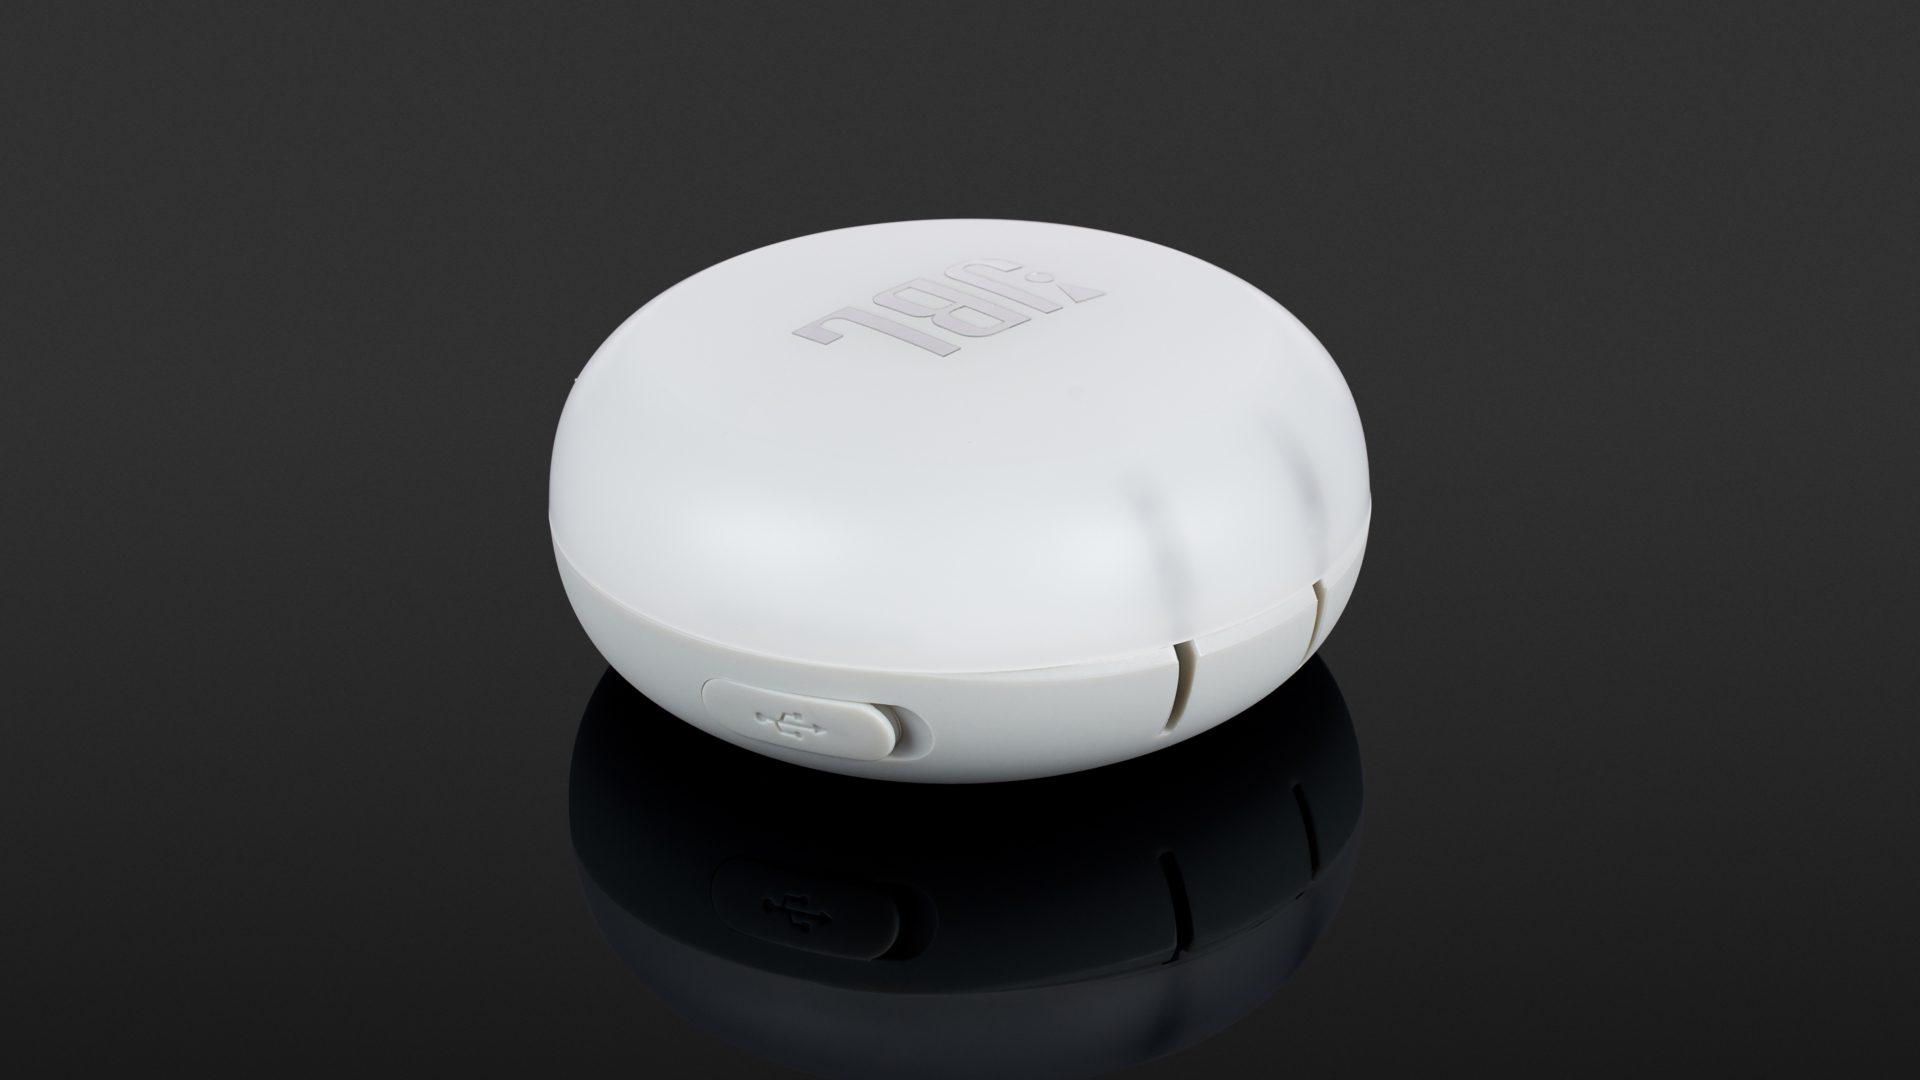 Jbl free x in-ear true wireless kopfhörer bluetooth